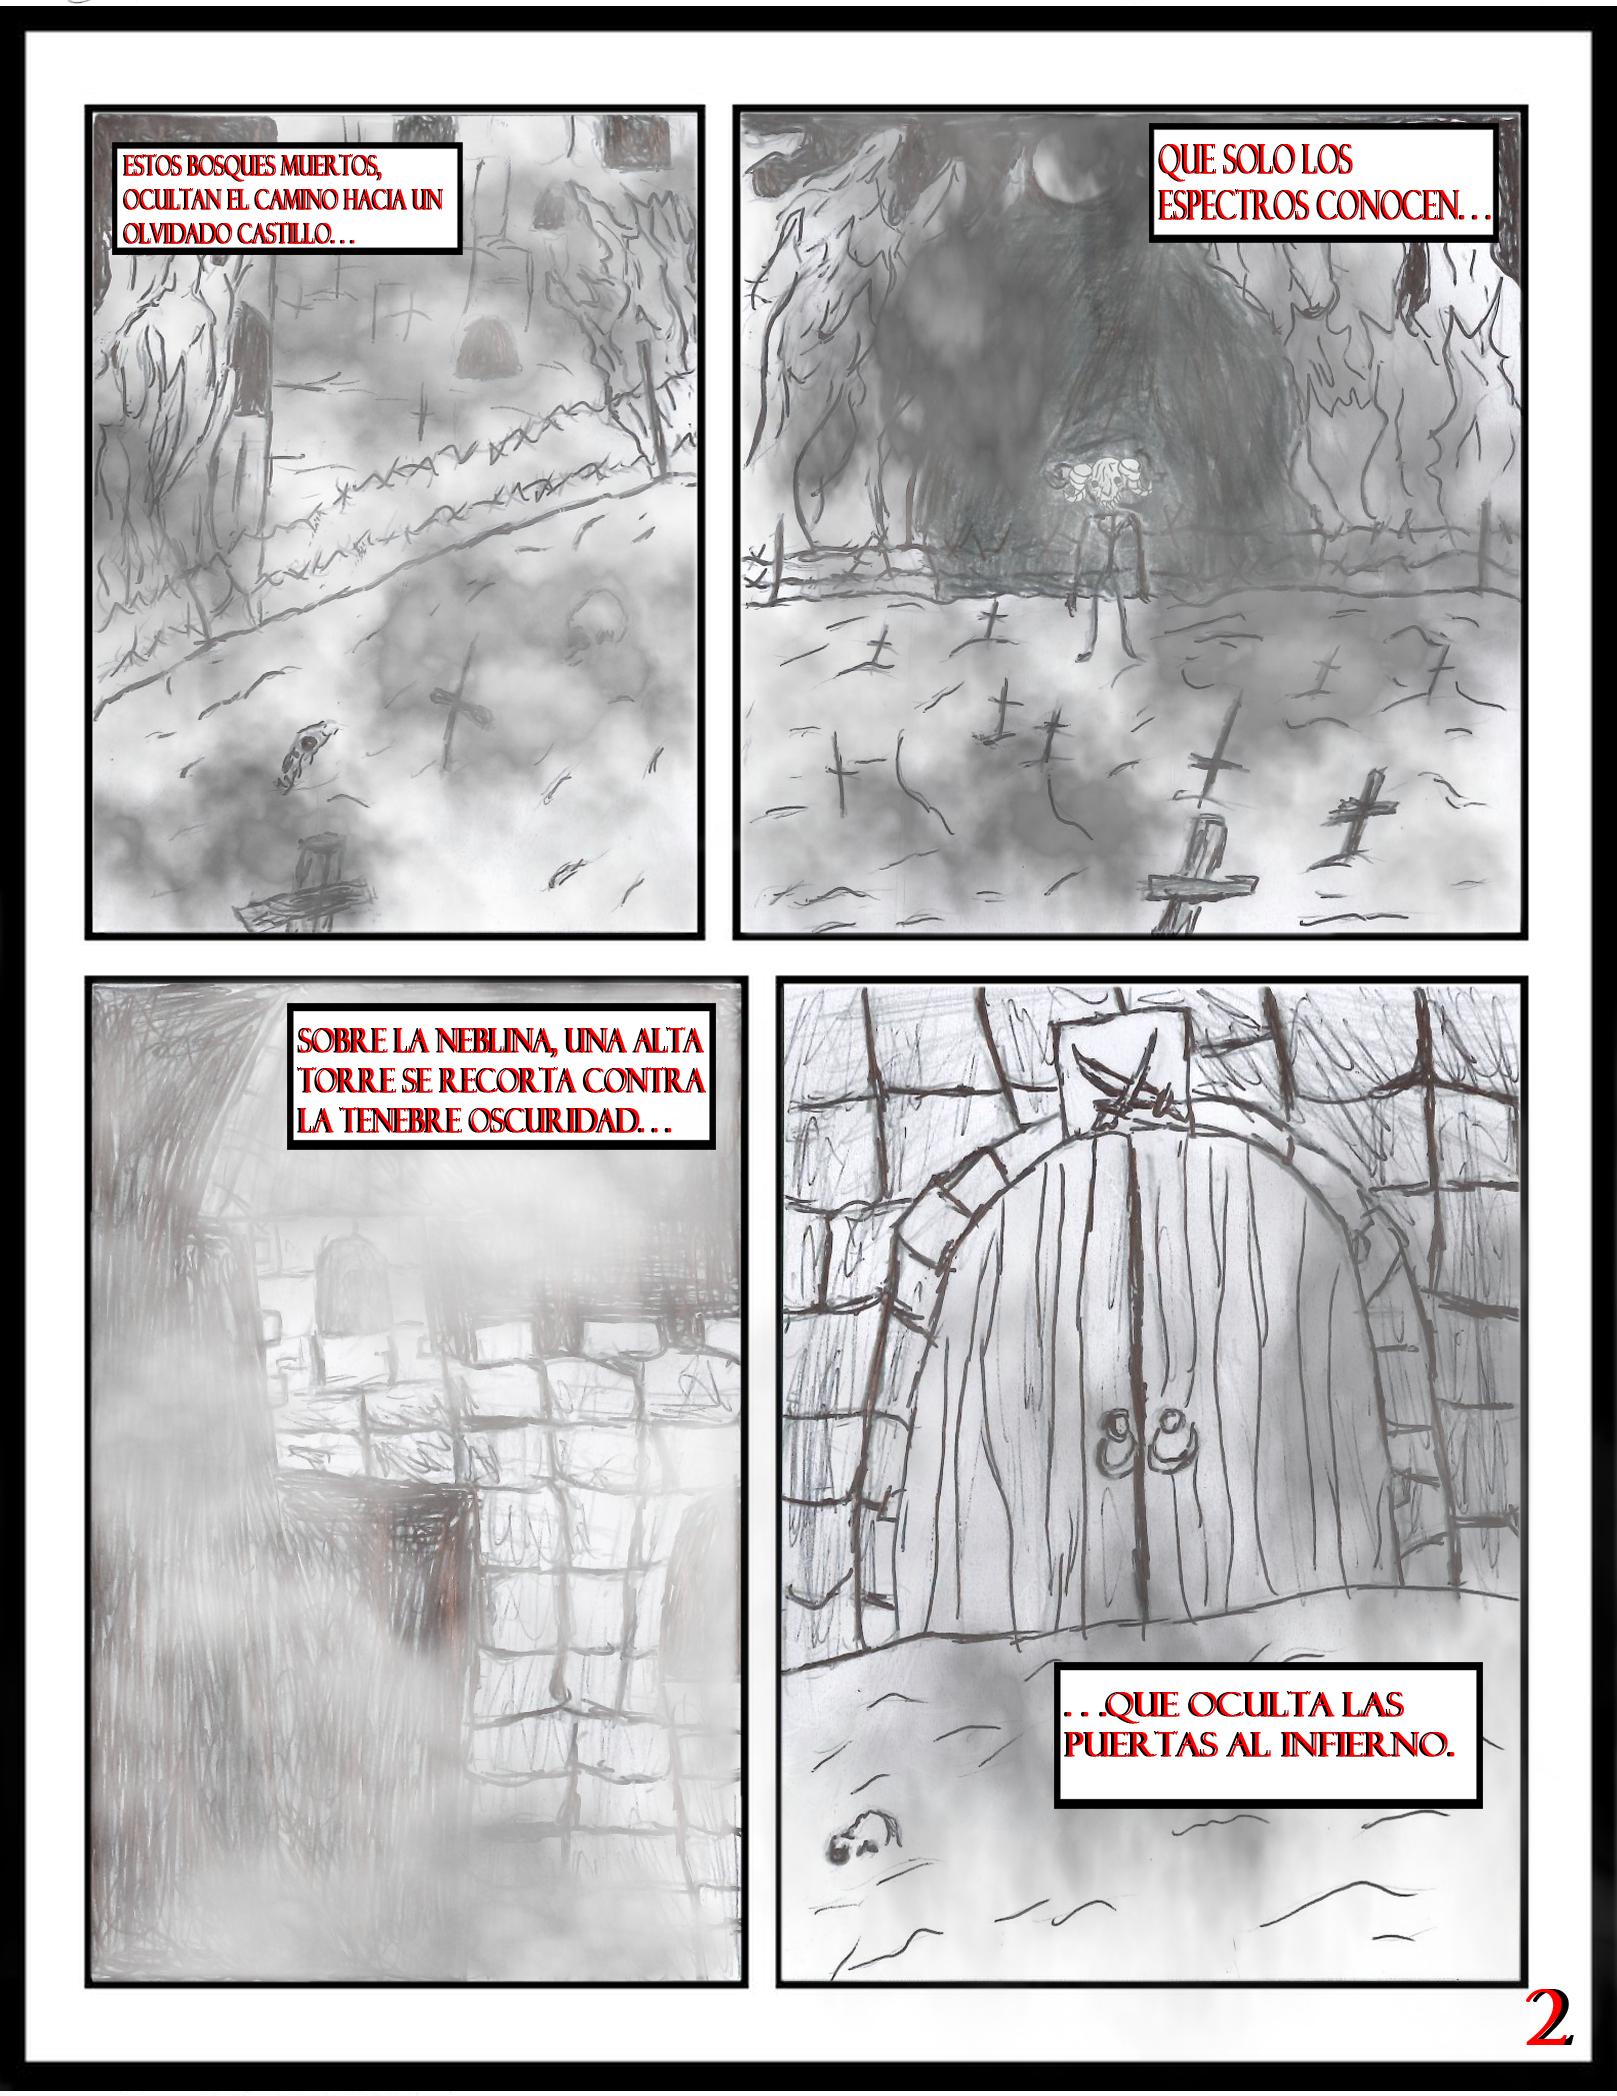 PuertasInfierno_Ricardo_Lozano_pagina00002